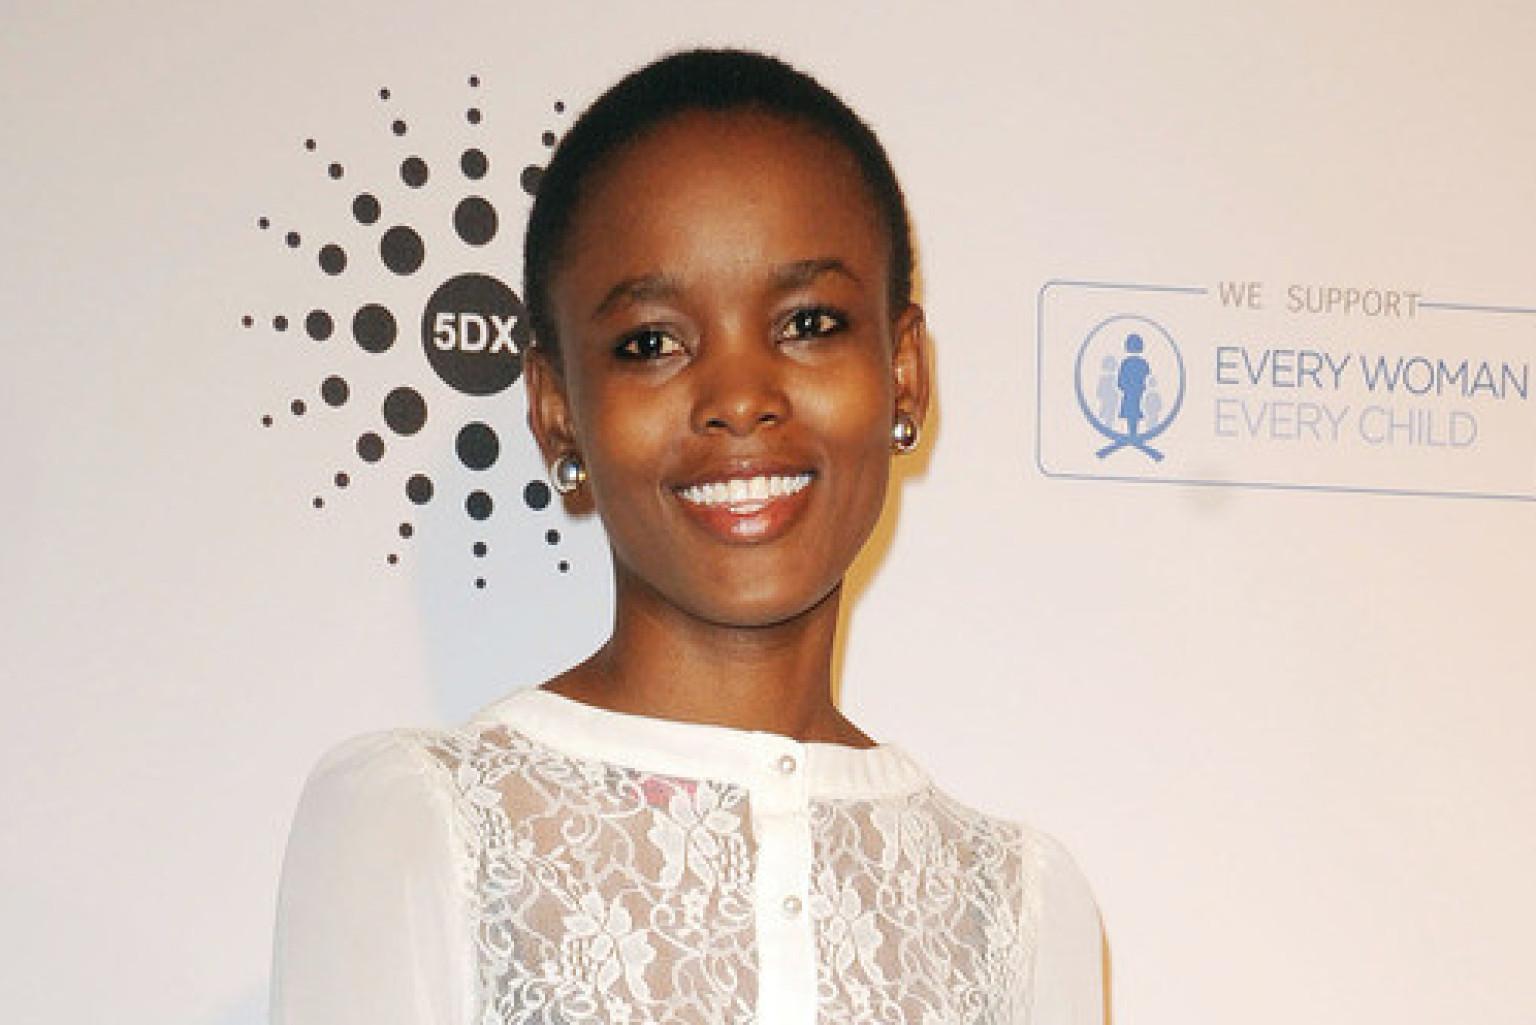 ТОП-10 успішних африканських жінок сучасності - фото 8